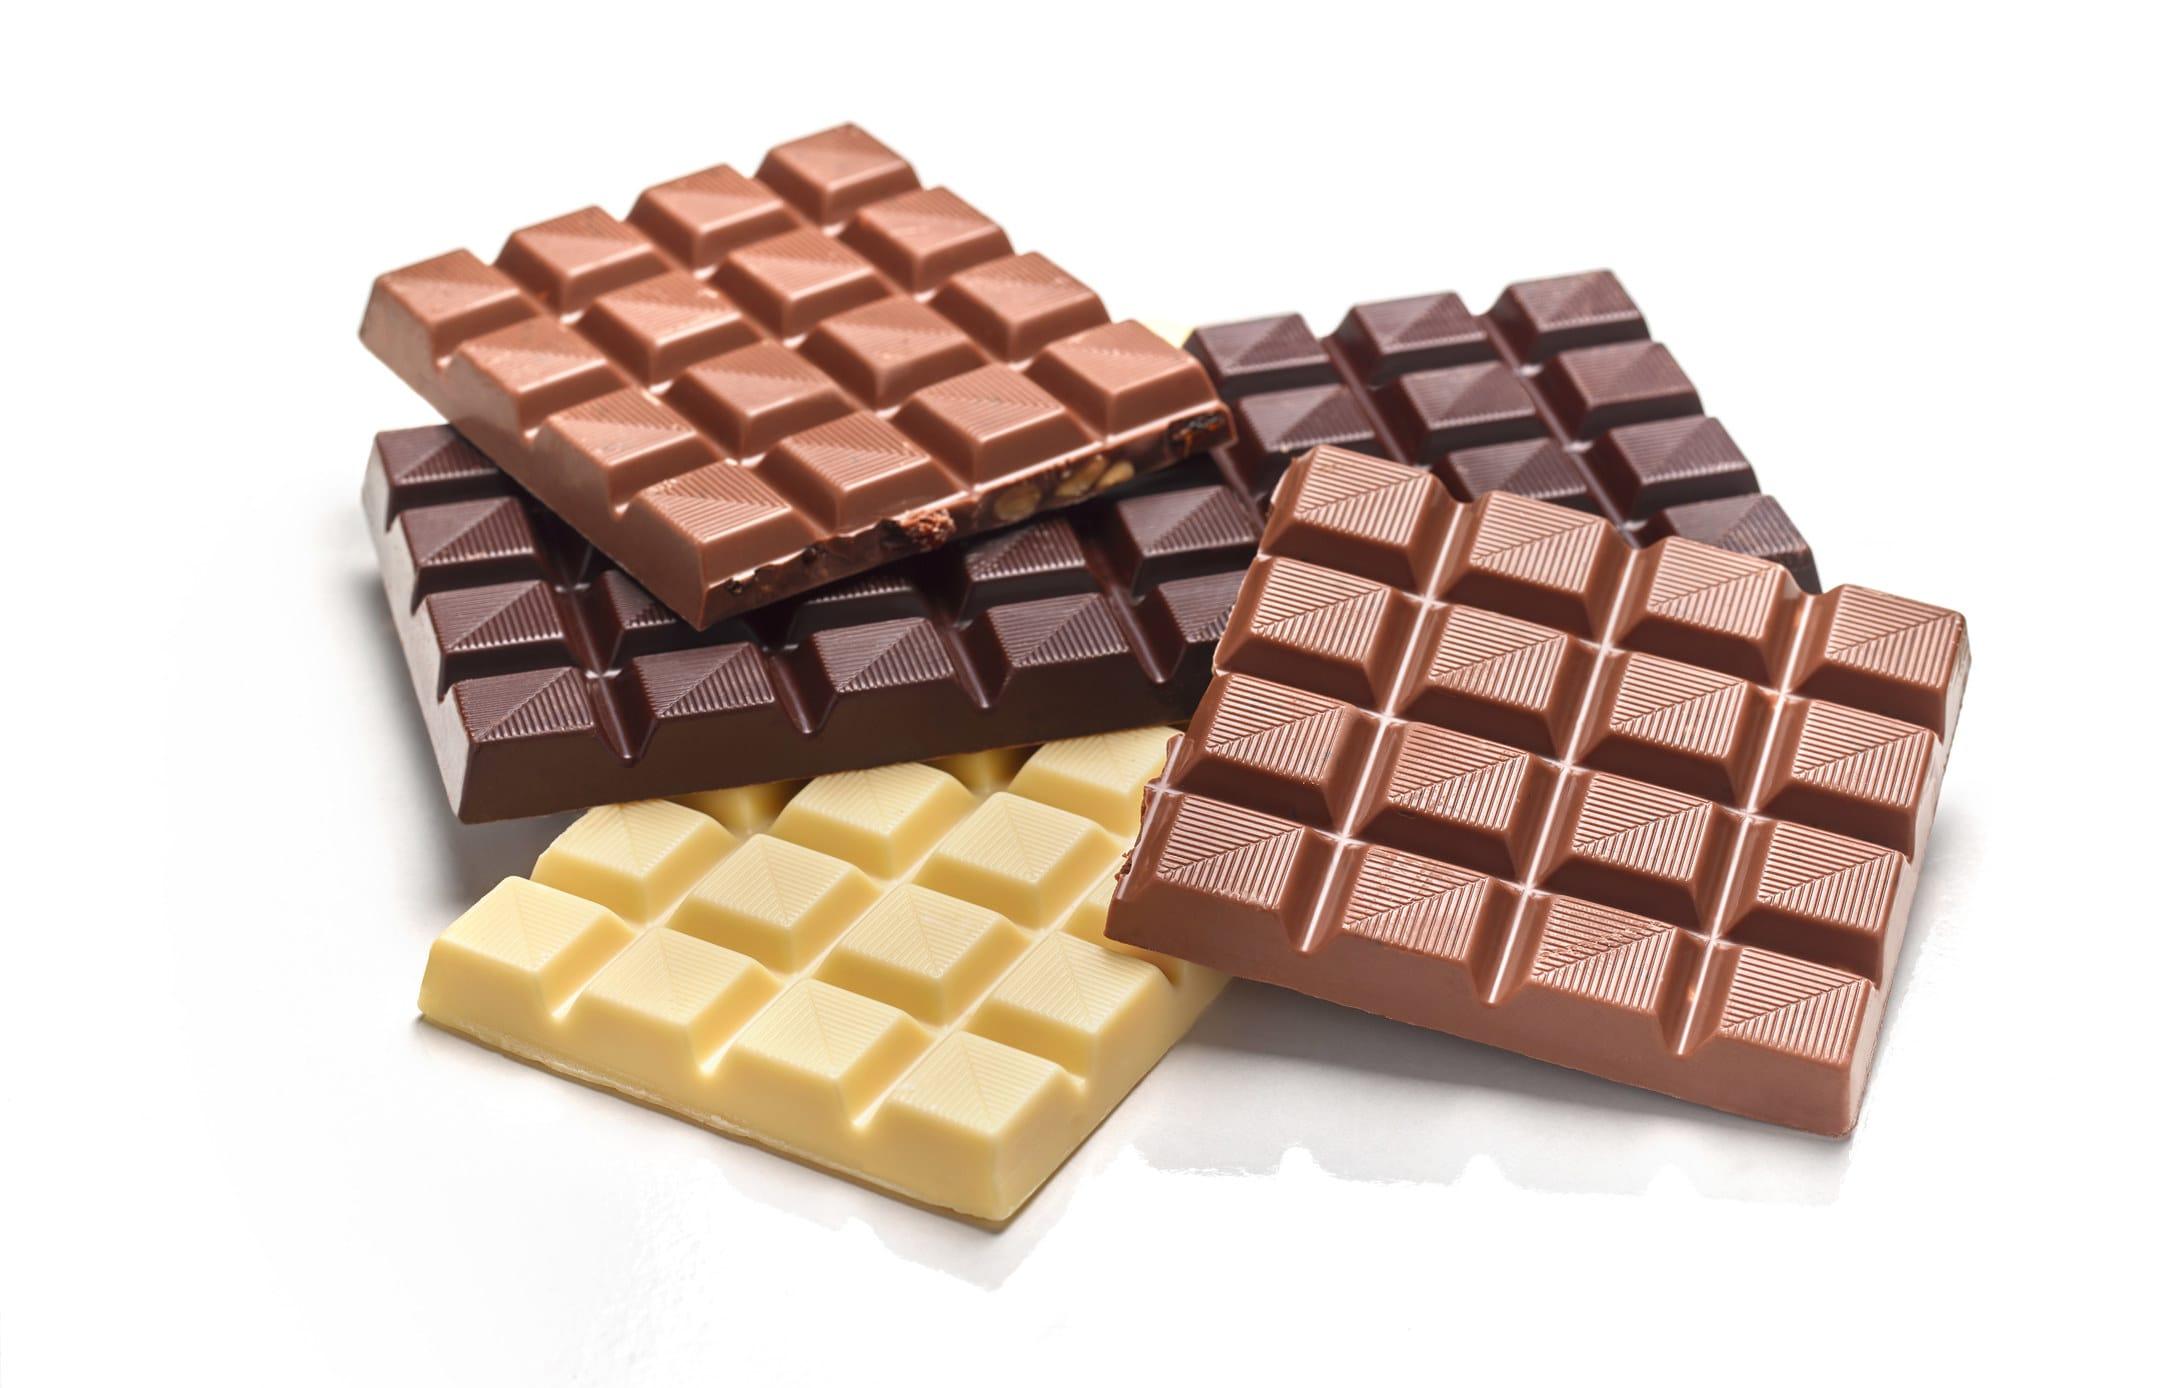 White, milk, and dark chocolate bars